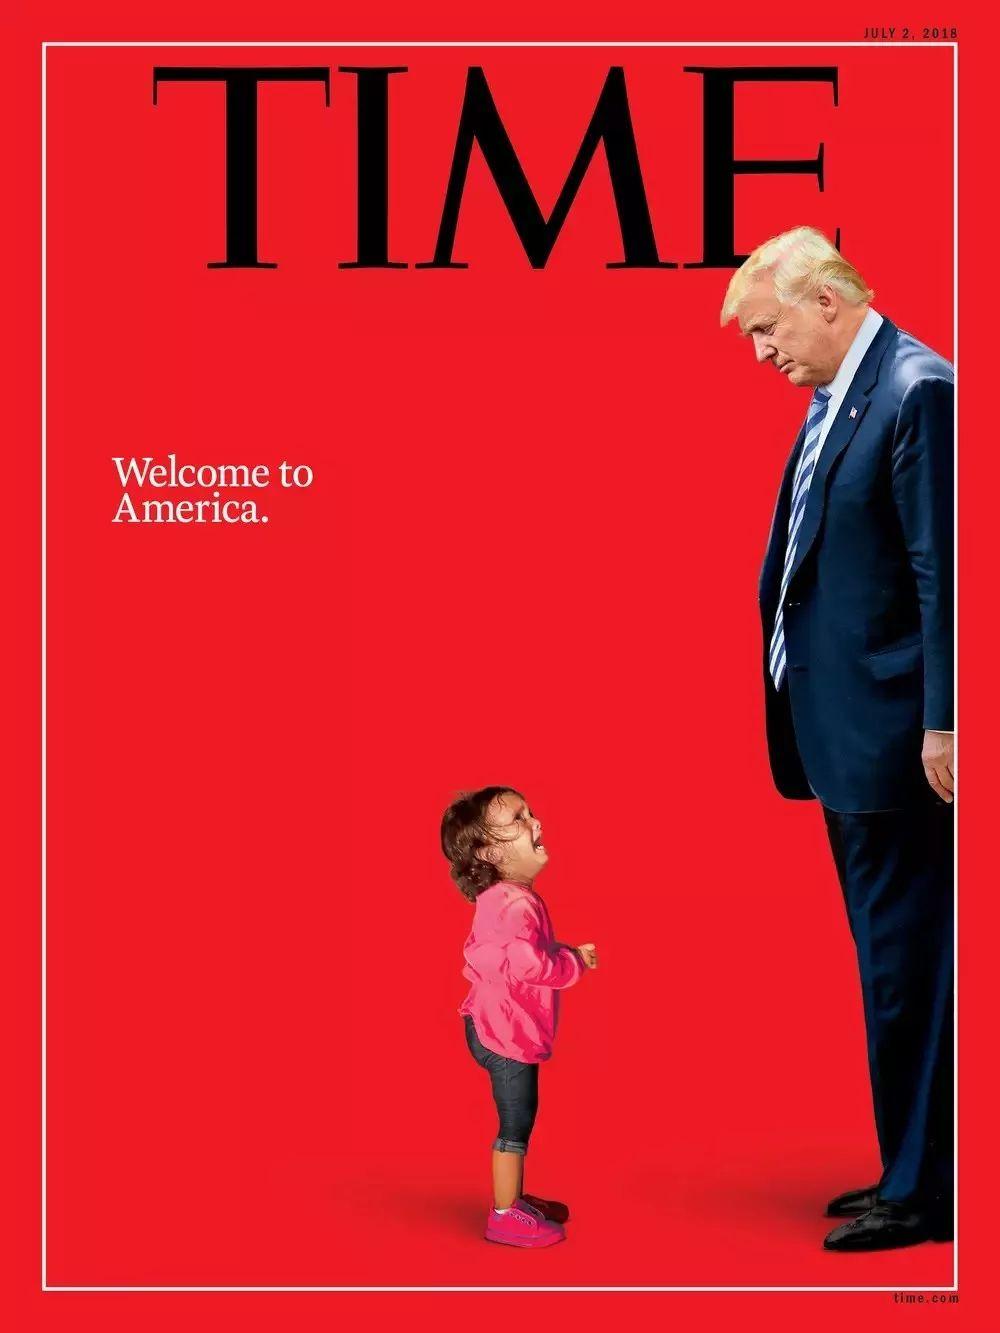 墨美边境哭泣的女孩:荷赛年度新闻图片的背后